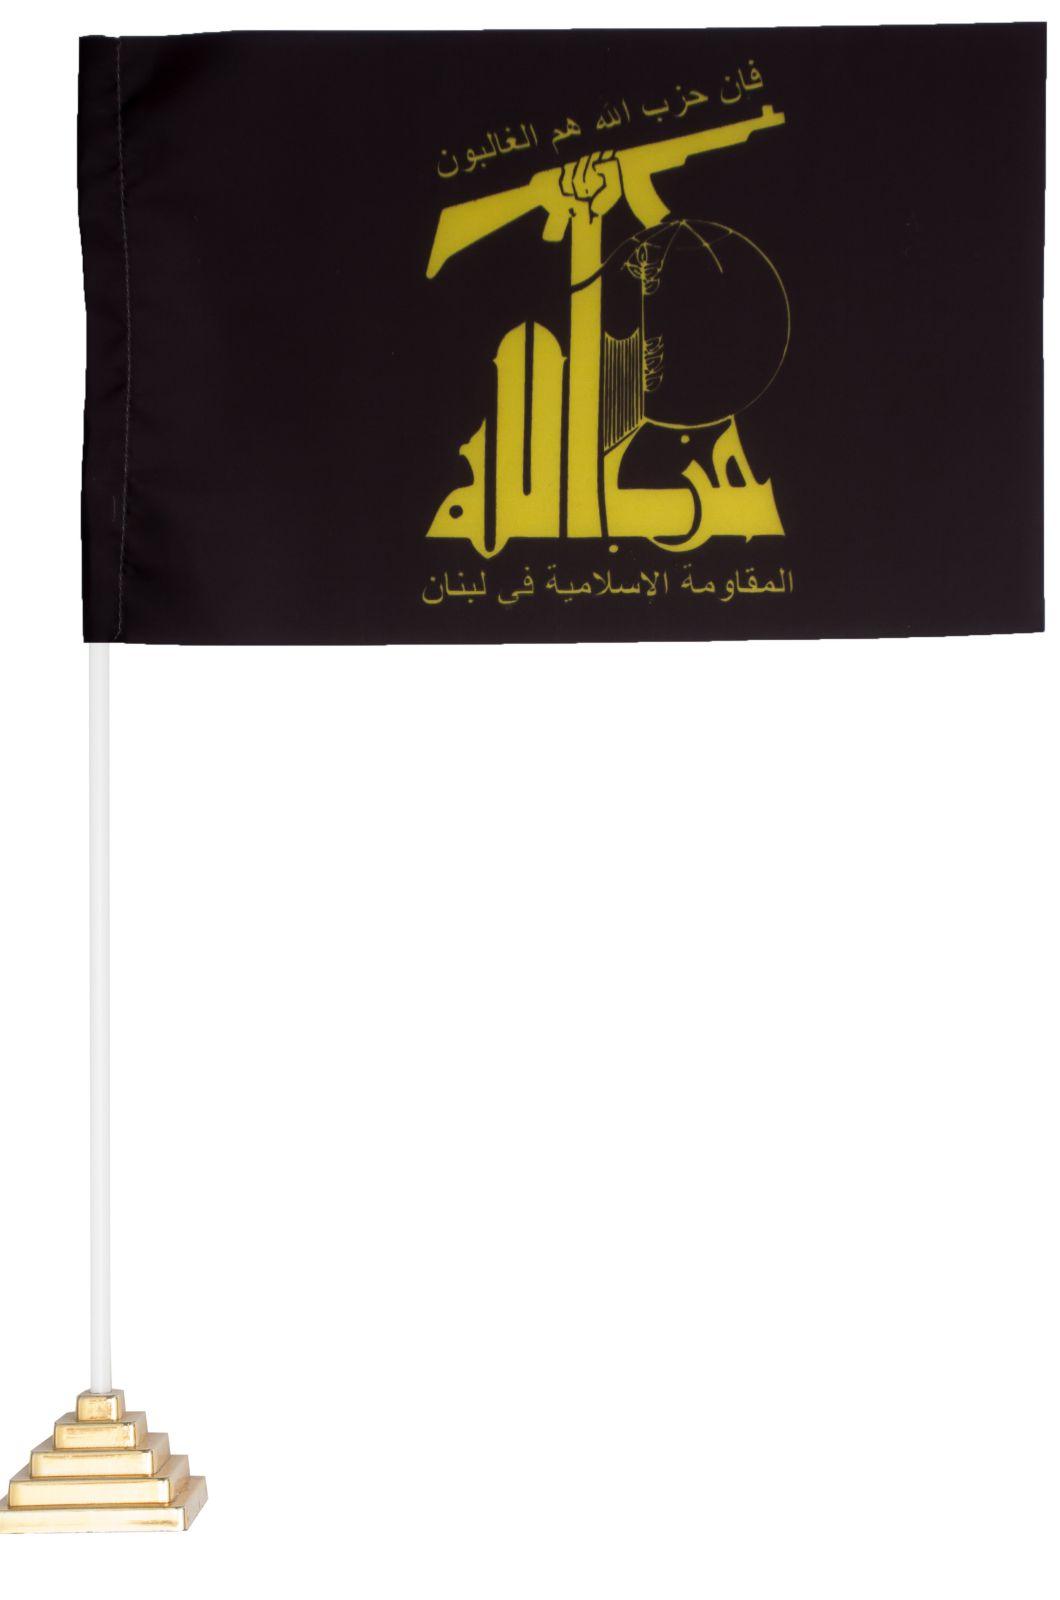 Настольный флаг Хезболлы